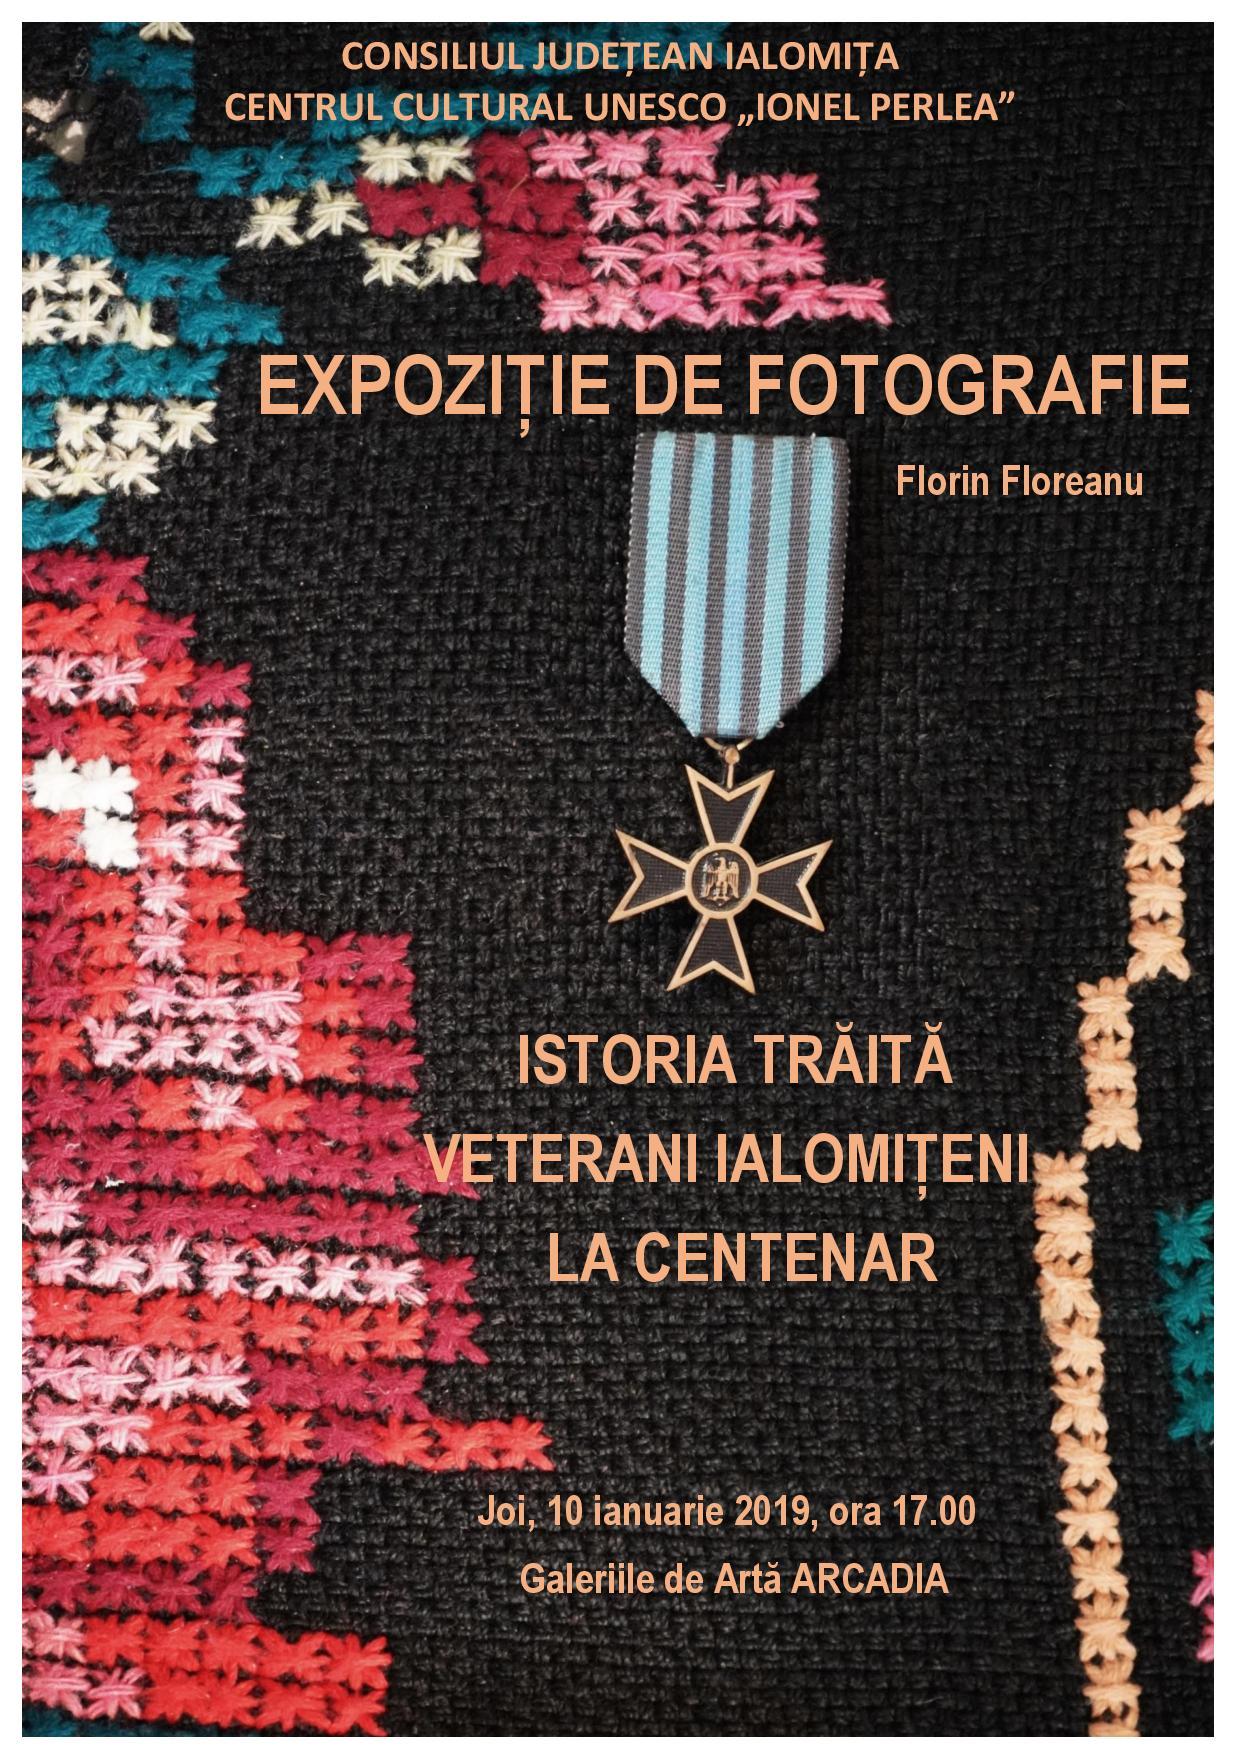 """Vernisaj şi lansare album """"Istoria trăită. Veterani ialomiţeni la Centenar"""", 10 ianuarie 2019"""